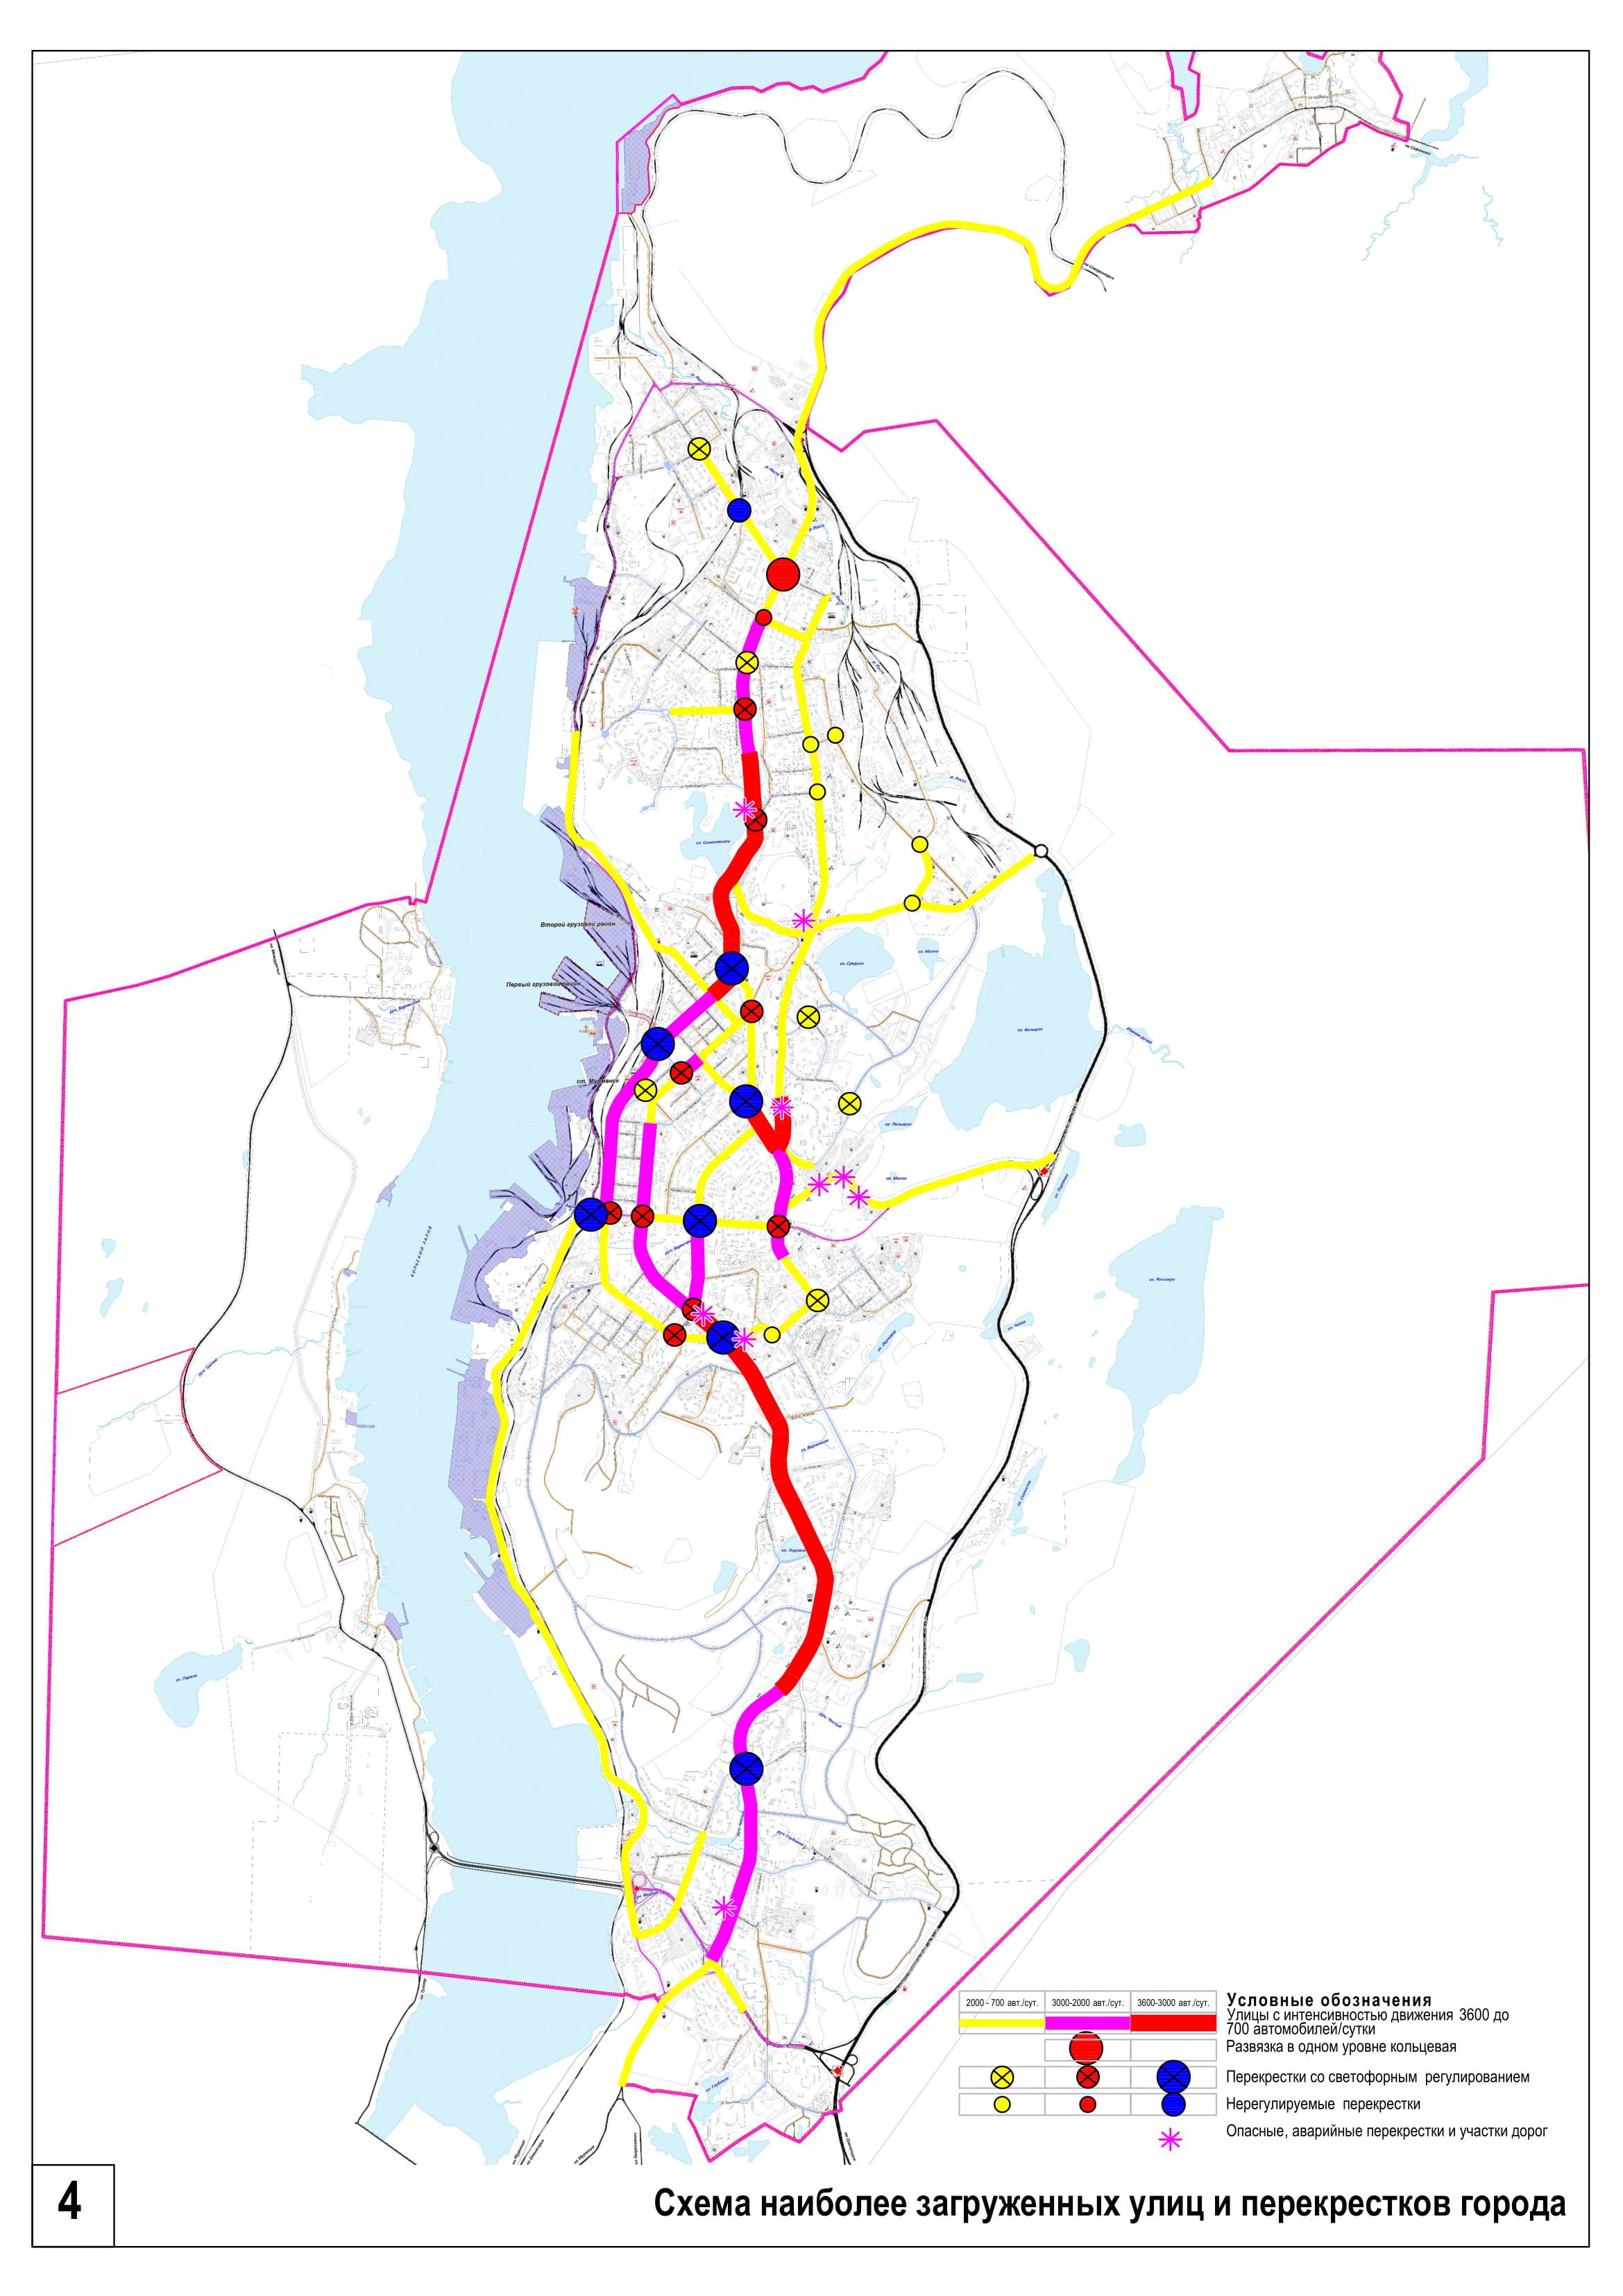 Программа развития транспортной инфраструктуры